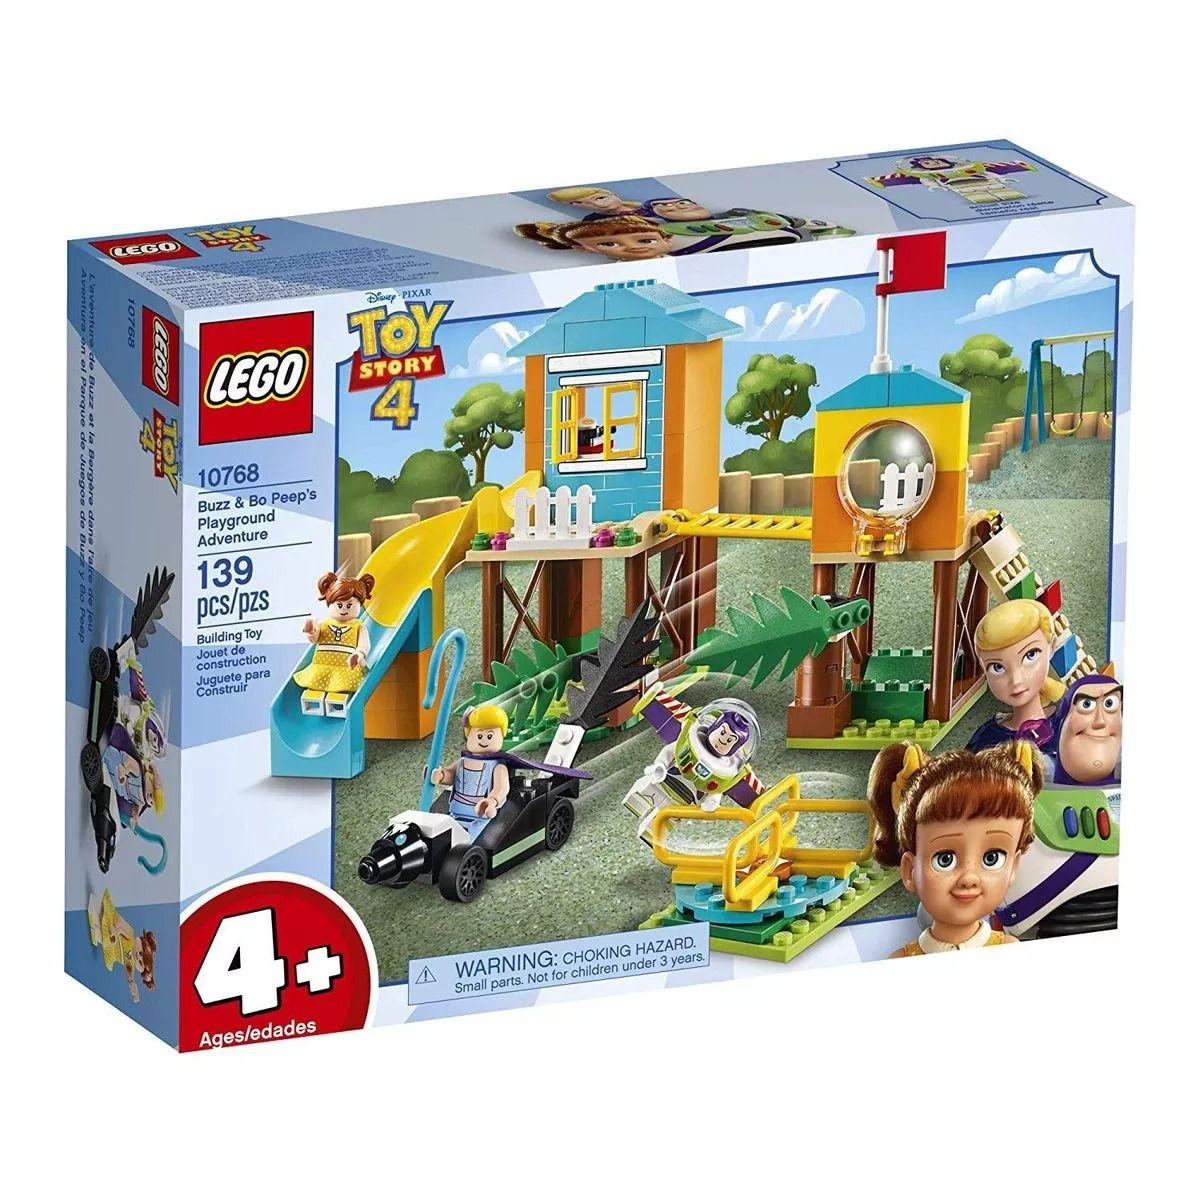 Lego 10768 Toy Story 4 – Aventura No Playground De Buzz , Betty e Gabby – 139 peças  - Doce Diversão